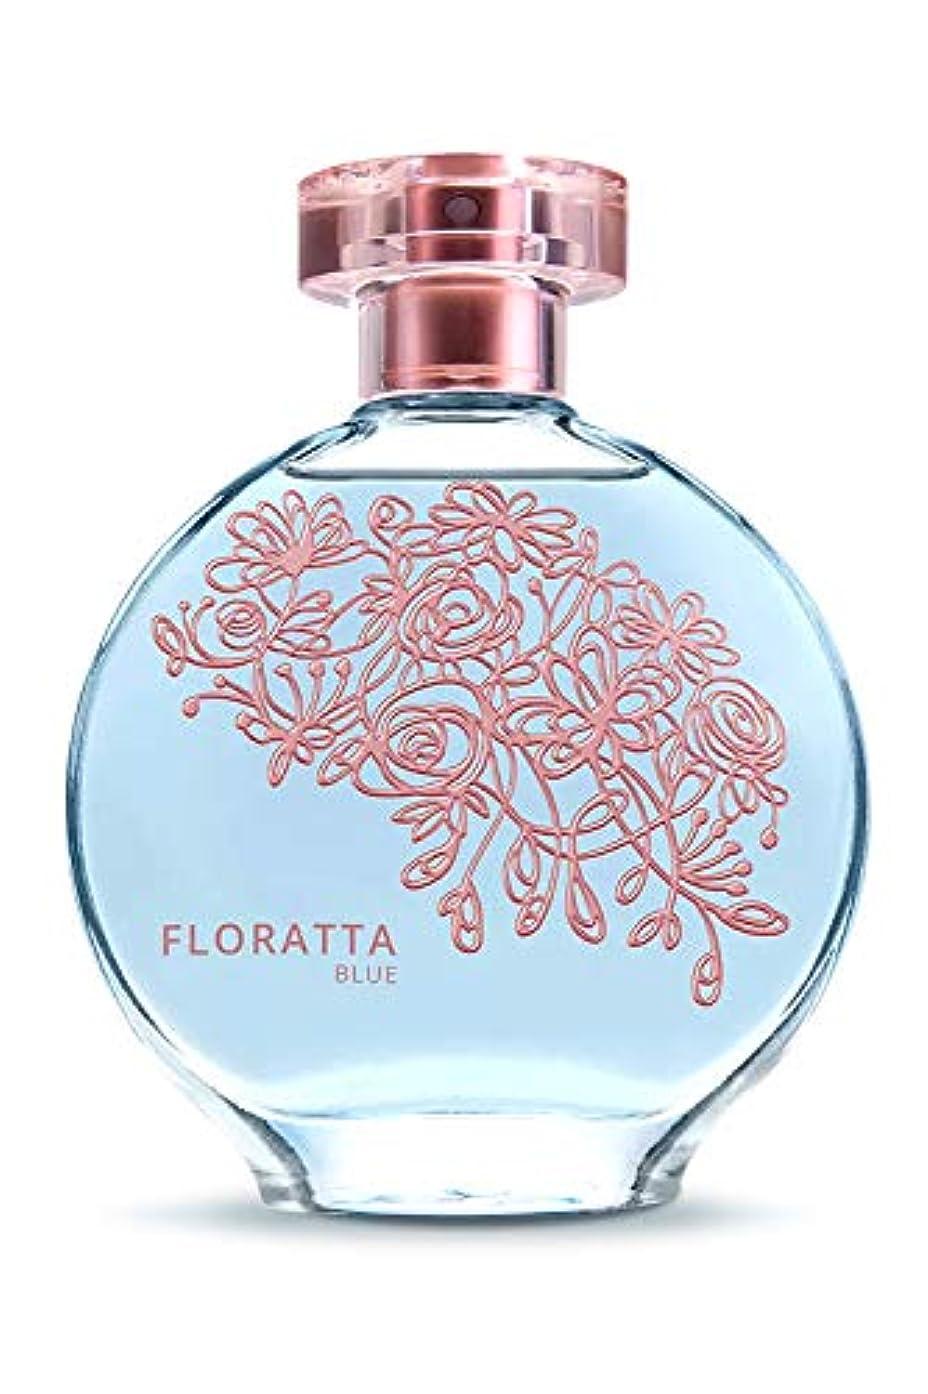 ちらつき抱擁変換するオ?ボチカリオ 香水 オードトワレ フロラッタ ブルー FLORATTA BLUE 女性用 75ML